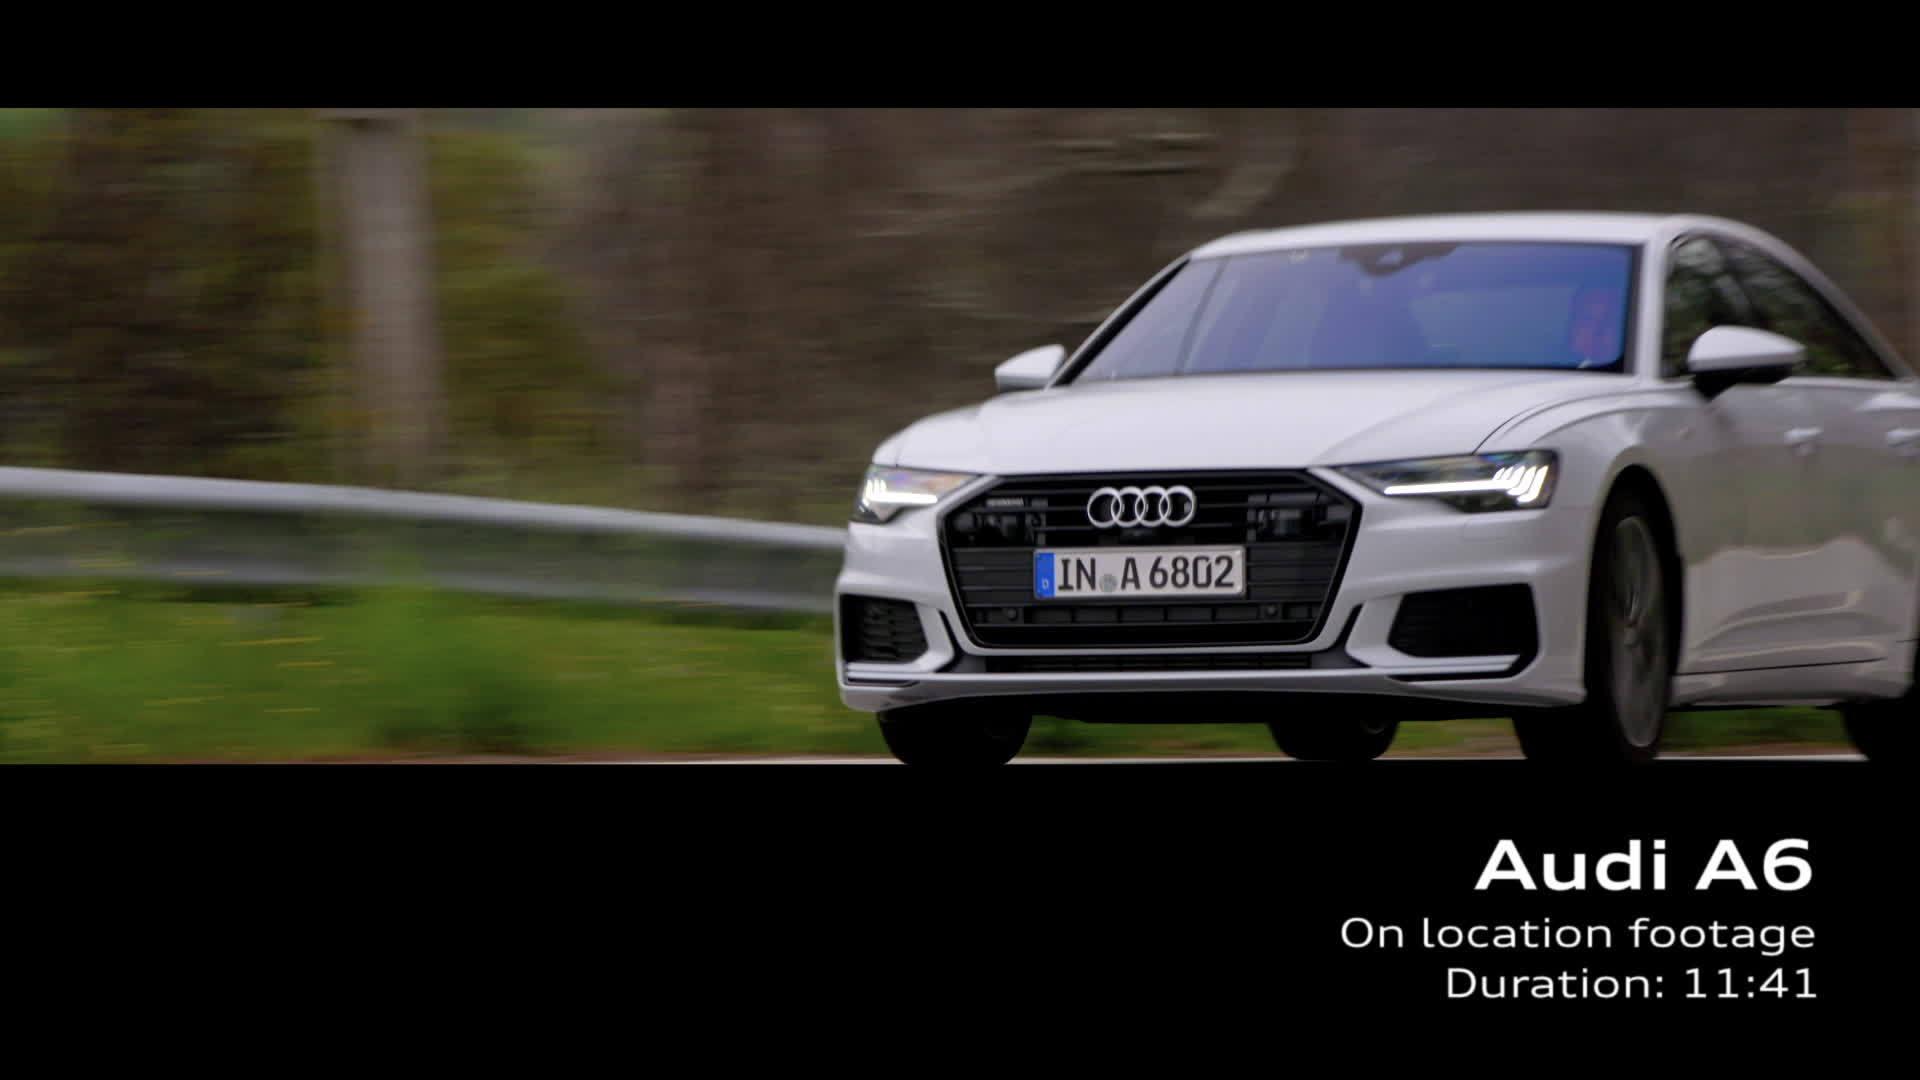 Audi A6 Footage Porto Suzuka grey